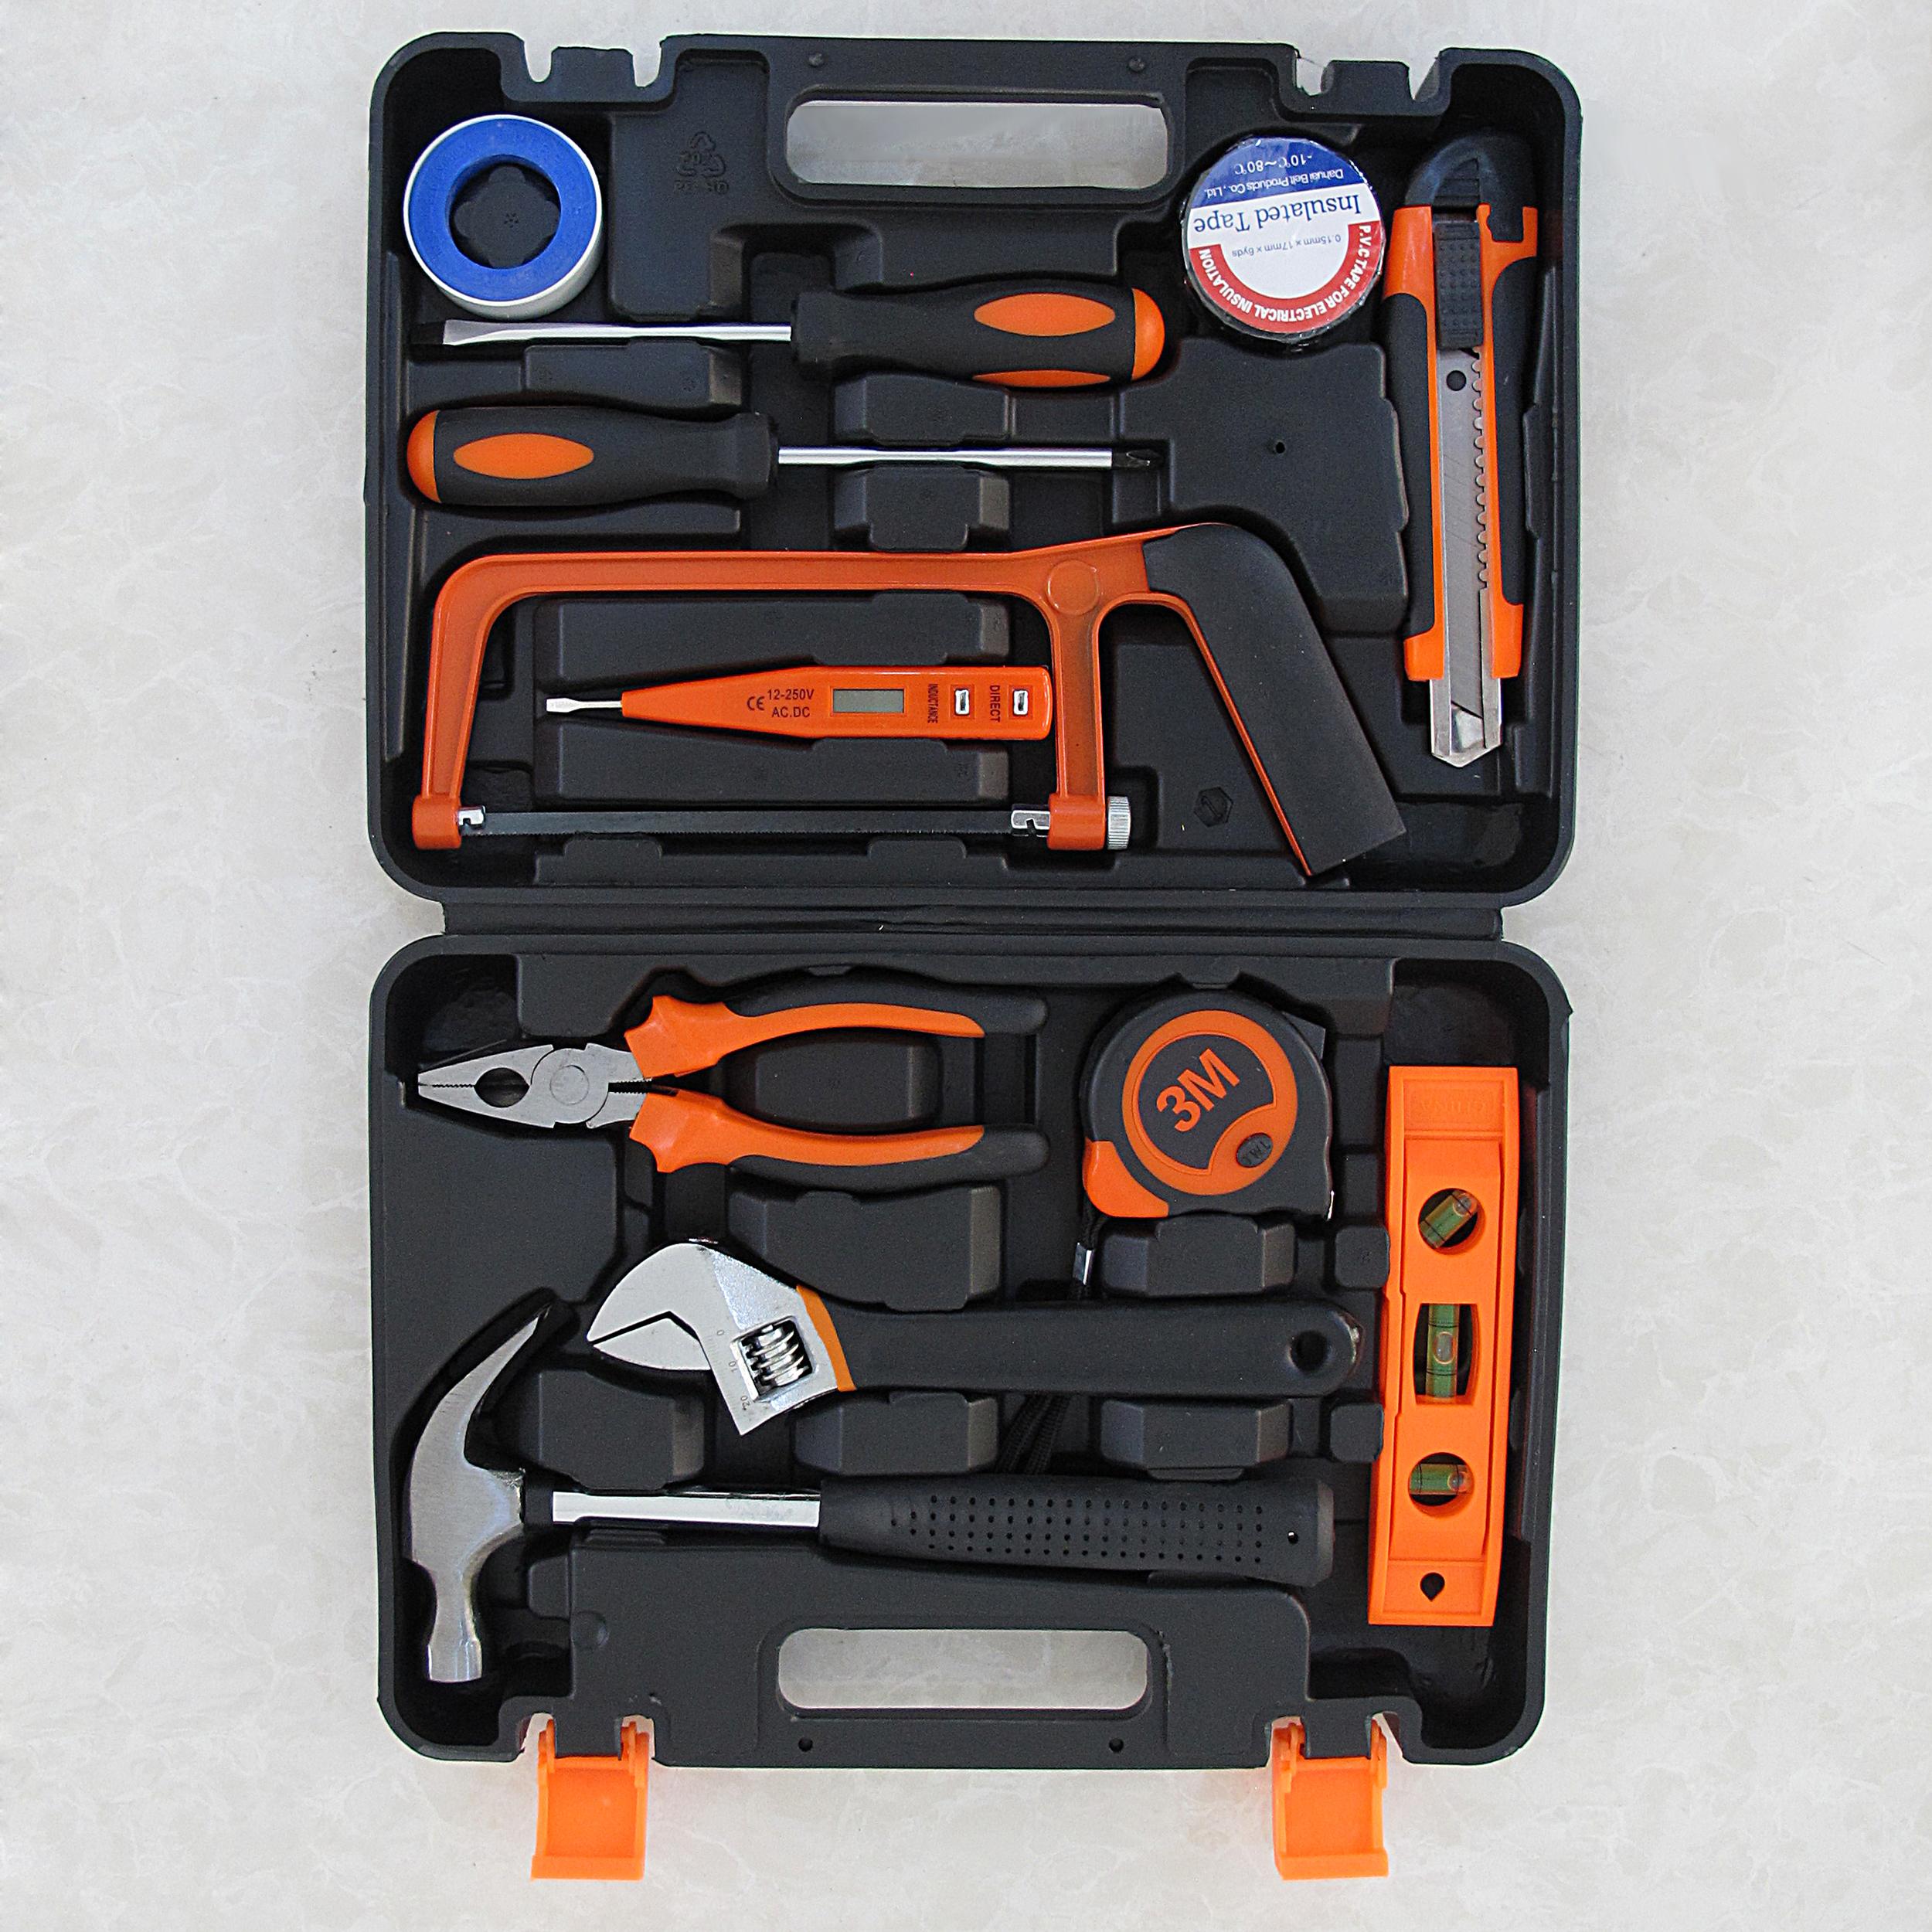 مجموعه 10 عددي ابزار اپکس مدل PA 1726 thumb 2